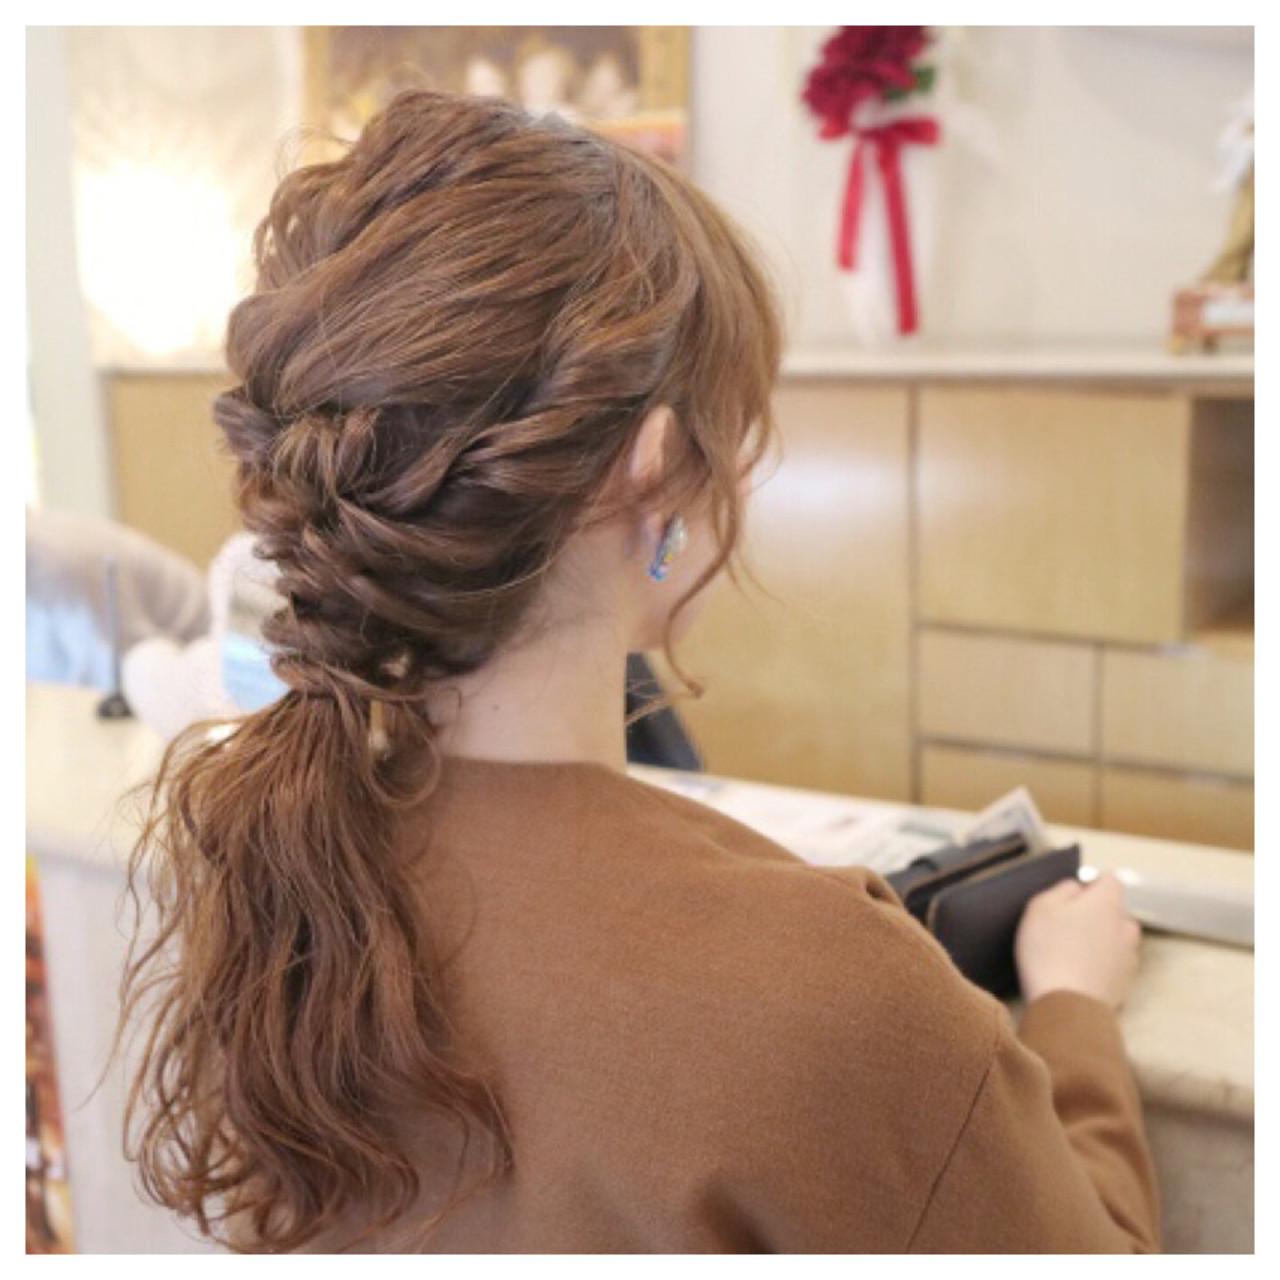 ゆるふわ フェミニン ヘアアレンジ ロング ヘアスタイルや髪型の写真・画像 | 佐伯 優 / e.m.a ASSORT